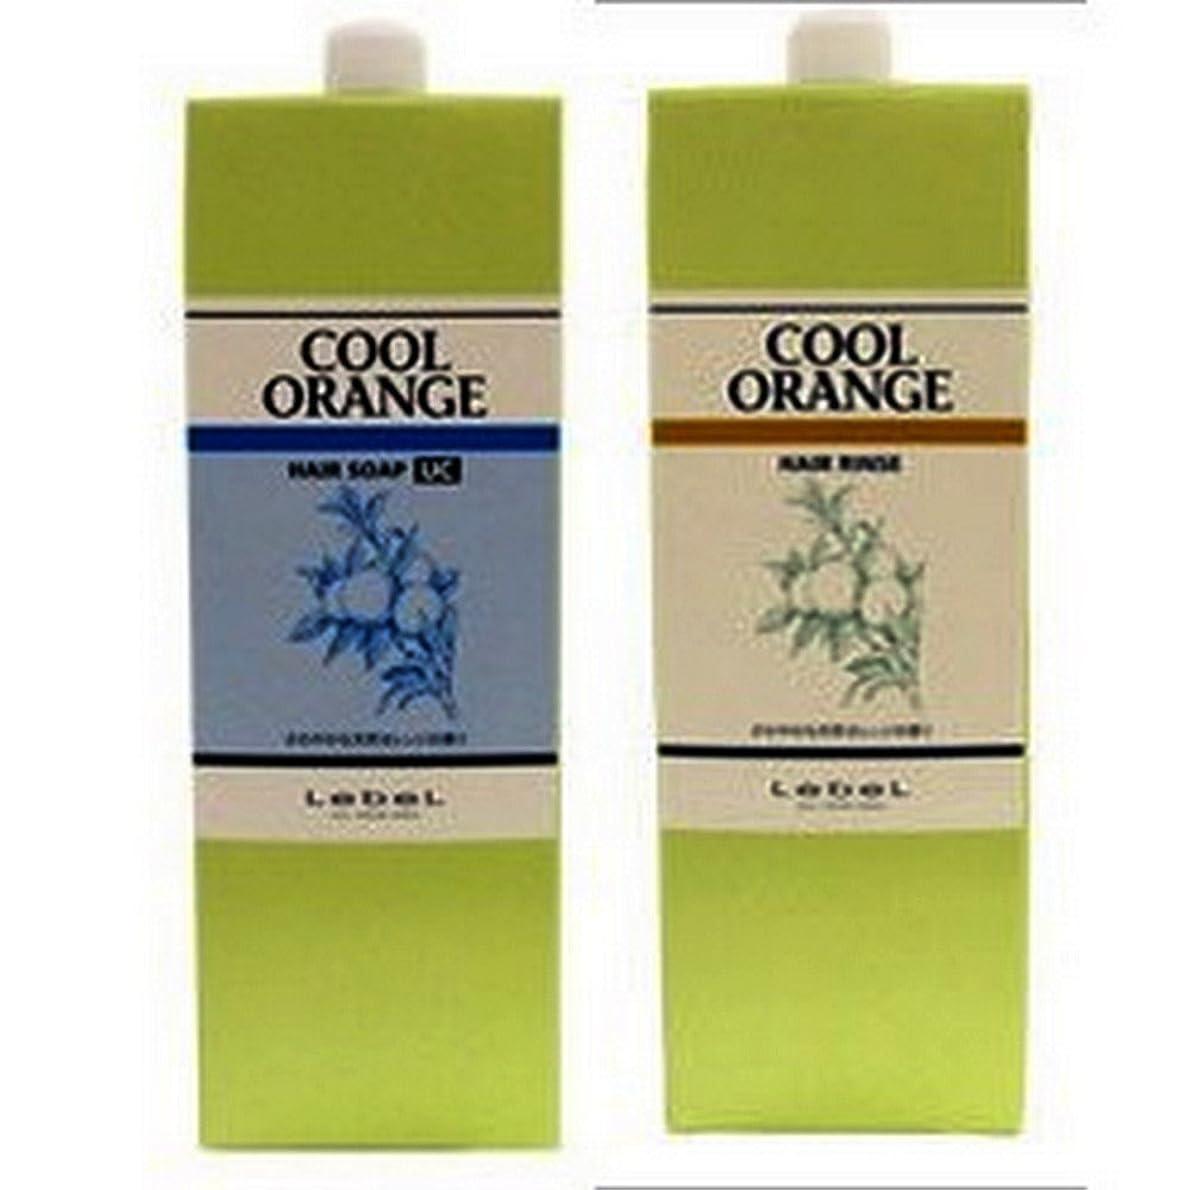 開始好色ななにLebel ルベル クールオレンジヘアソープ ウルトラクール1600ml ヘアリンス1600ml 2本セット